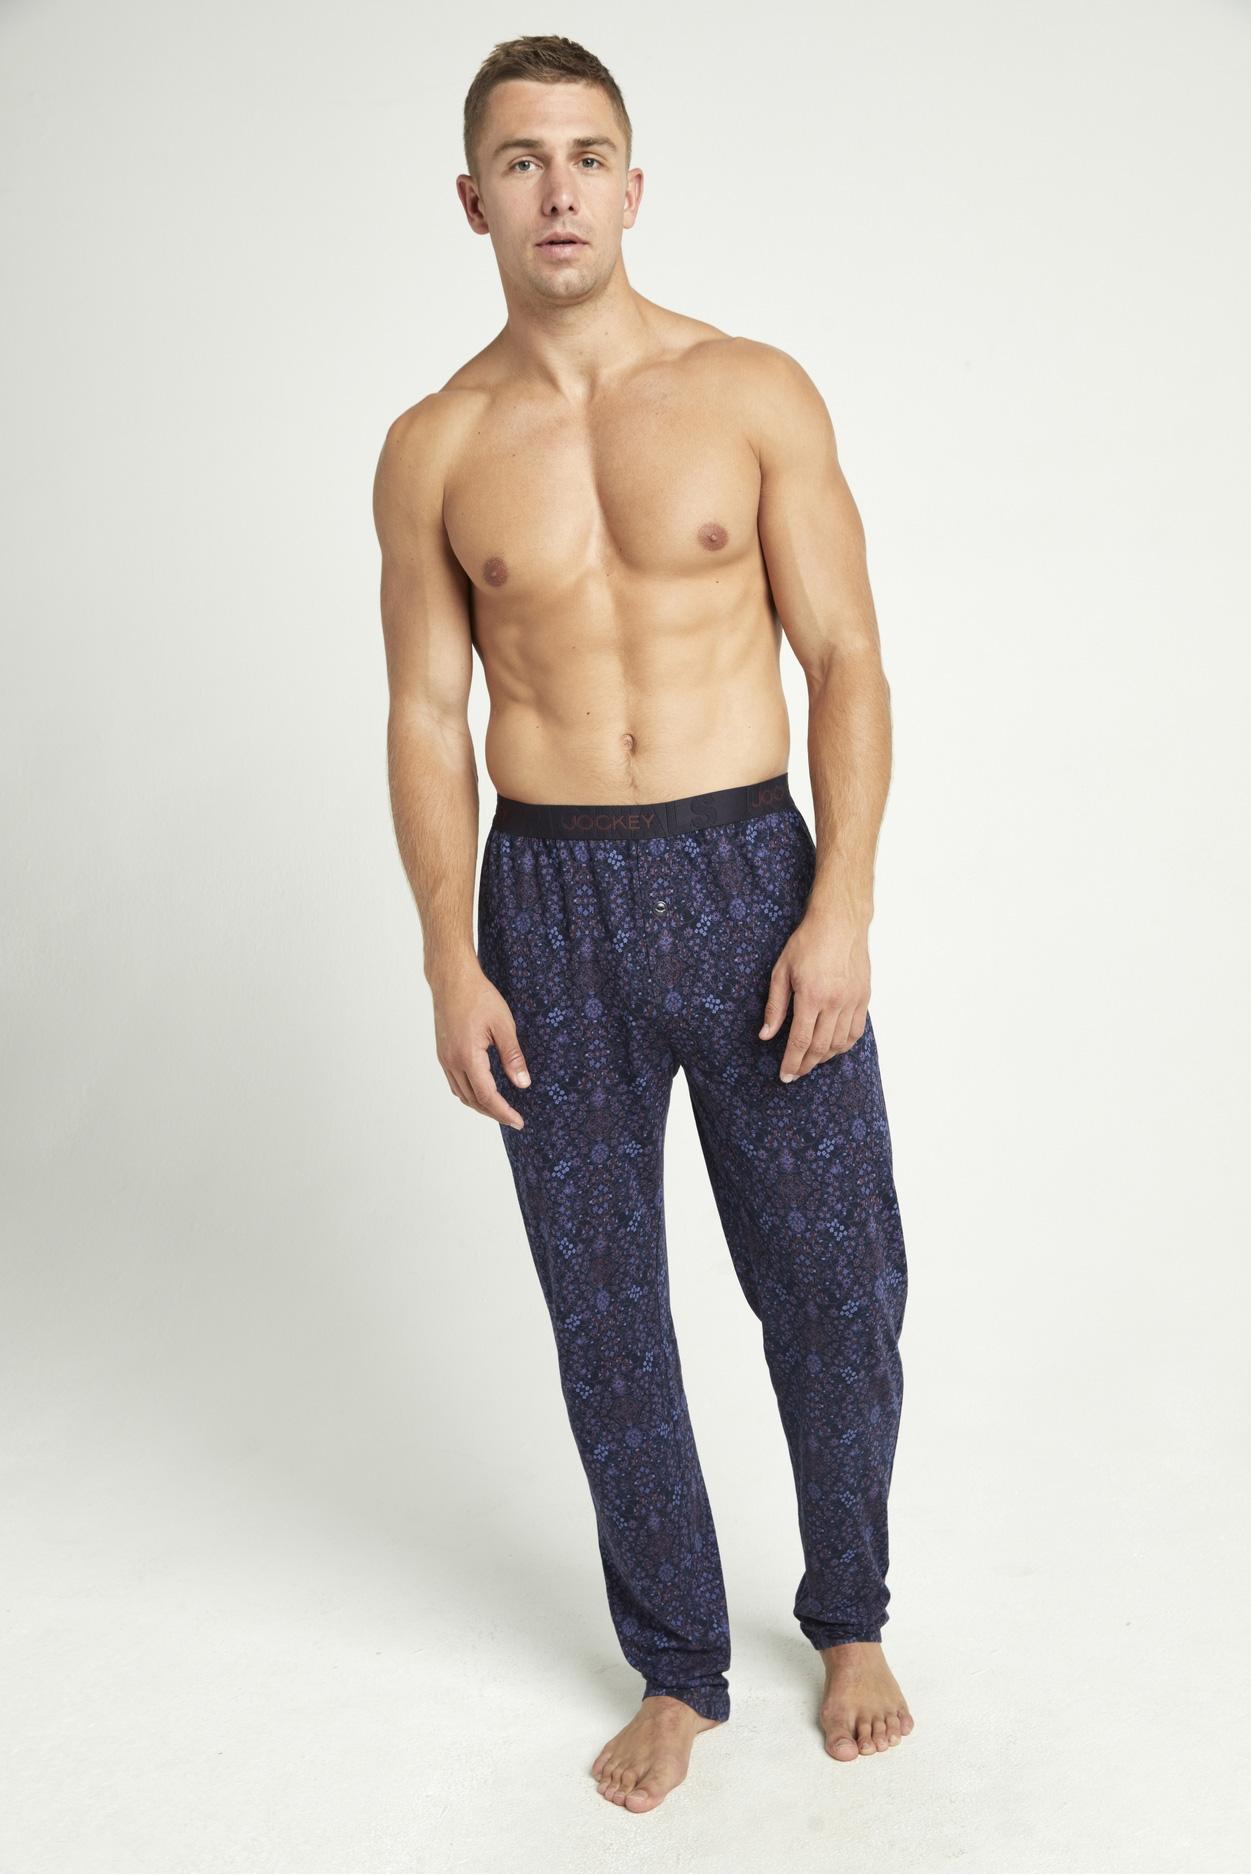 Мужские трикотажные брюки 500756H синий-сиреневый Jockey